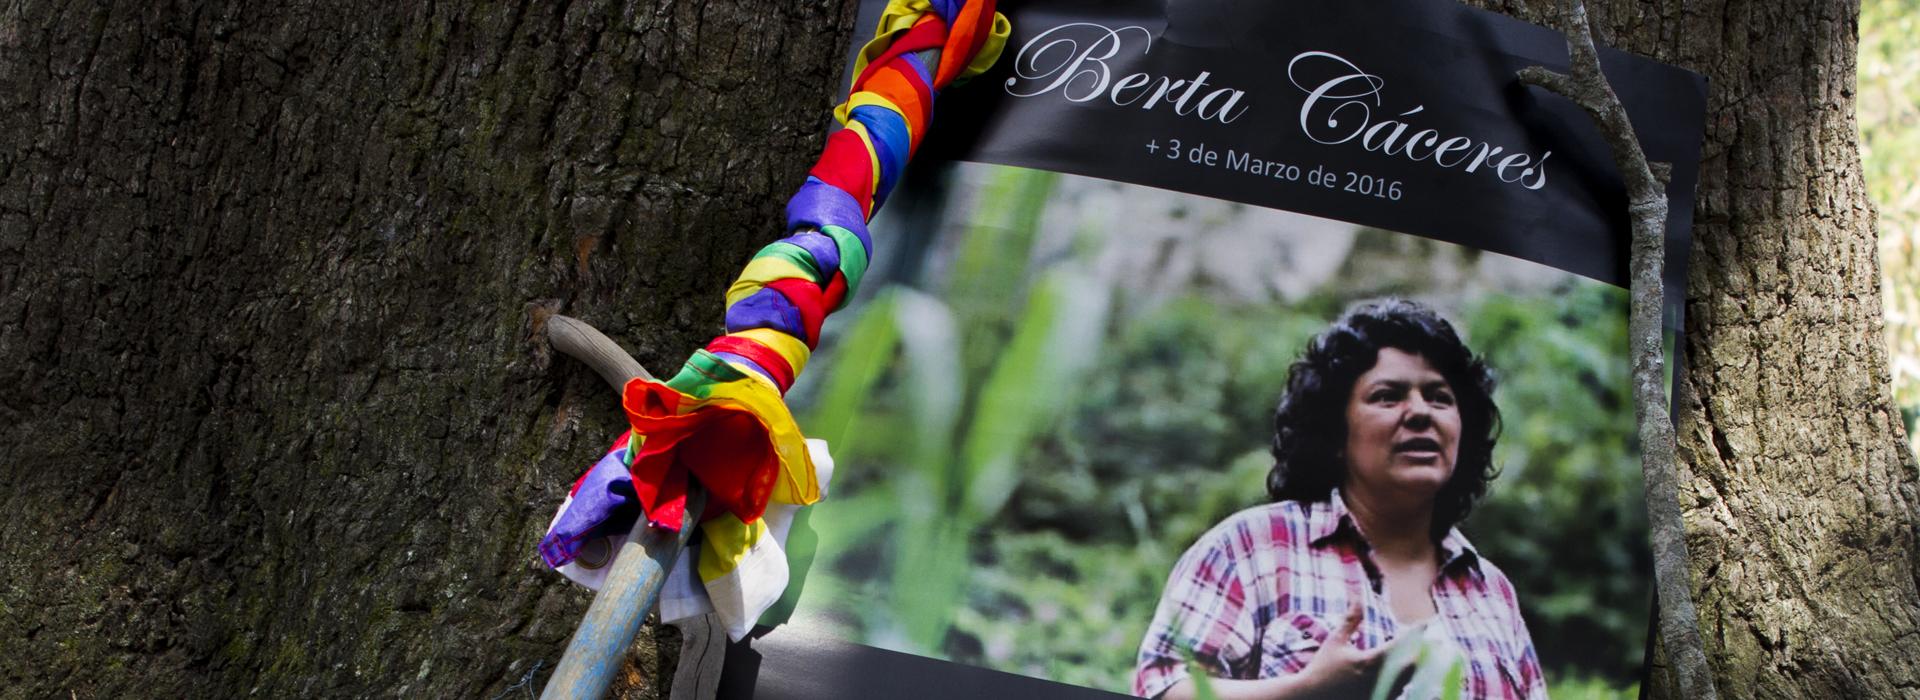 Giustizia per Berta Cáceres Tutti i responsabili del suo assassinio devono essere condannati